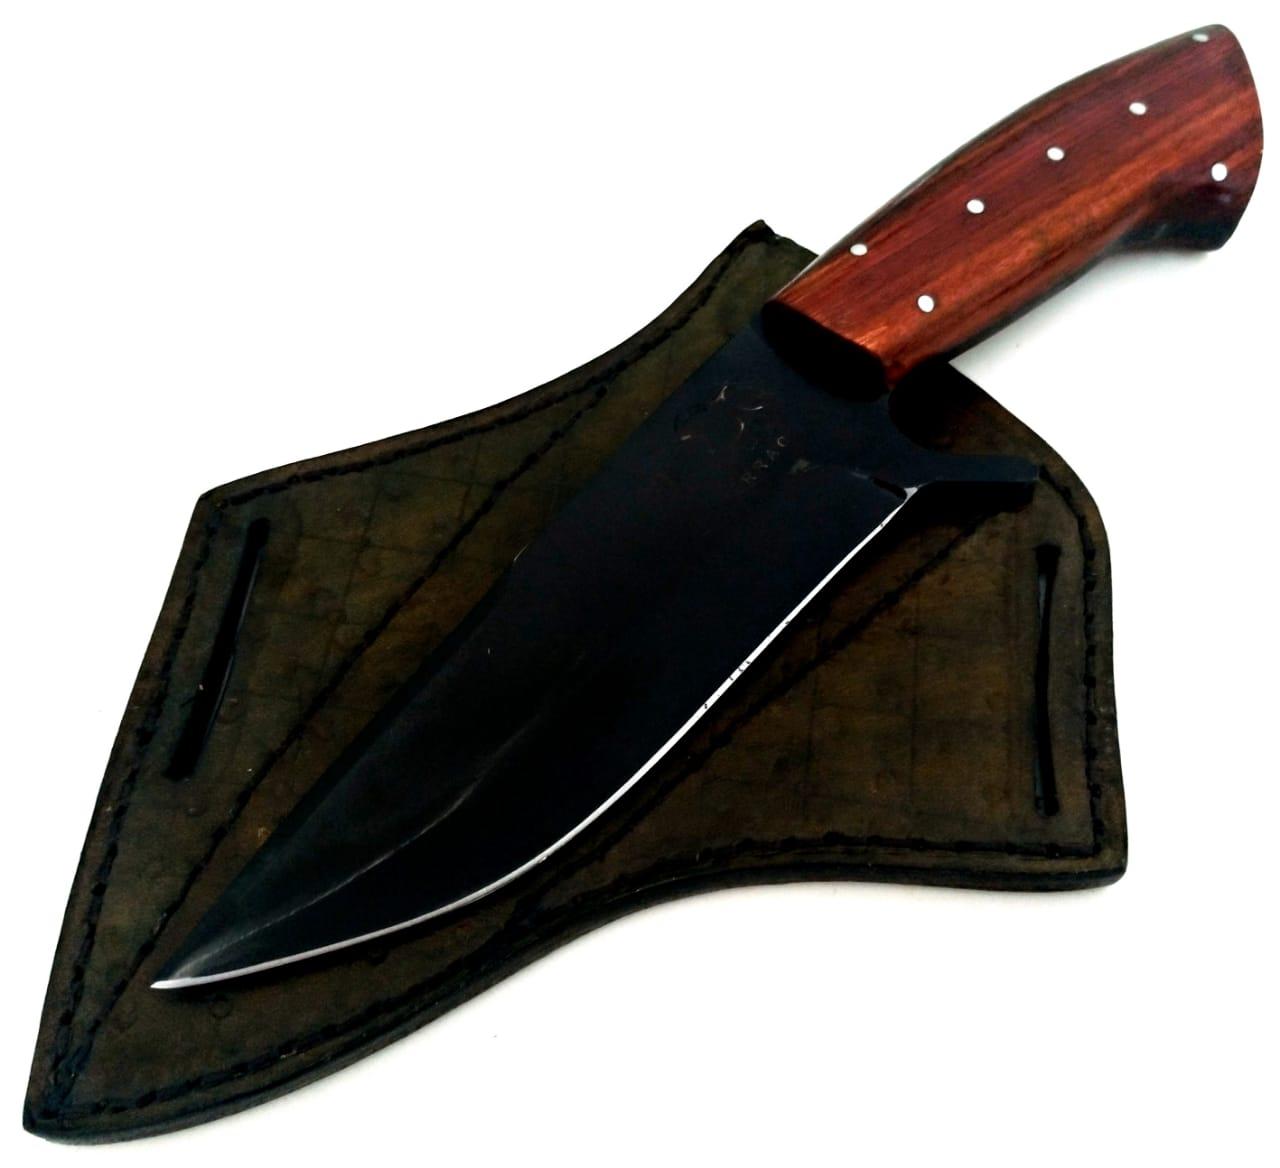 Faca artesanal de caça verraco red death 6 polegadas